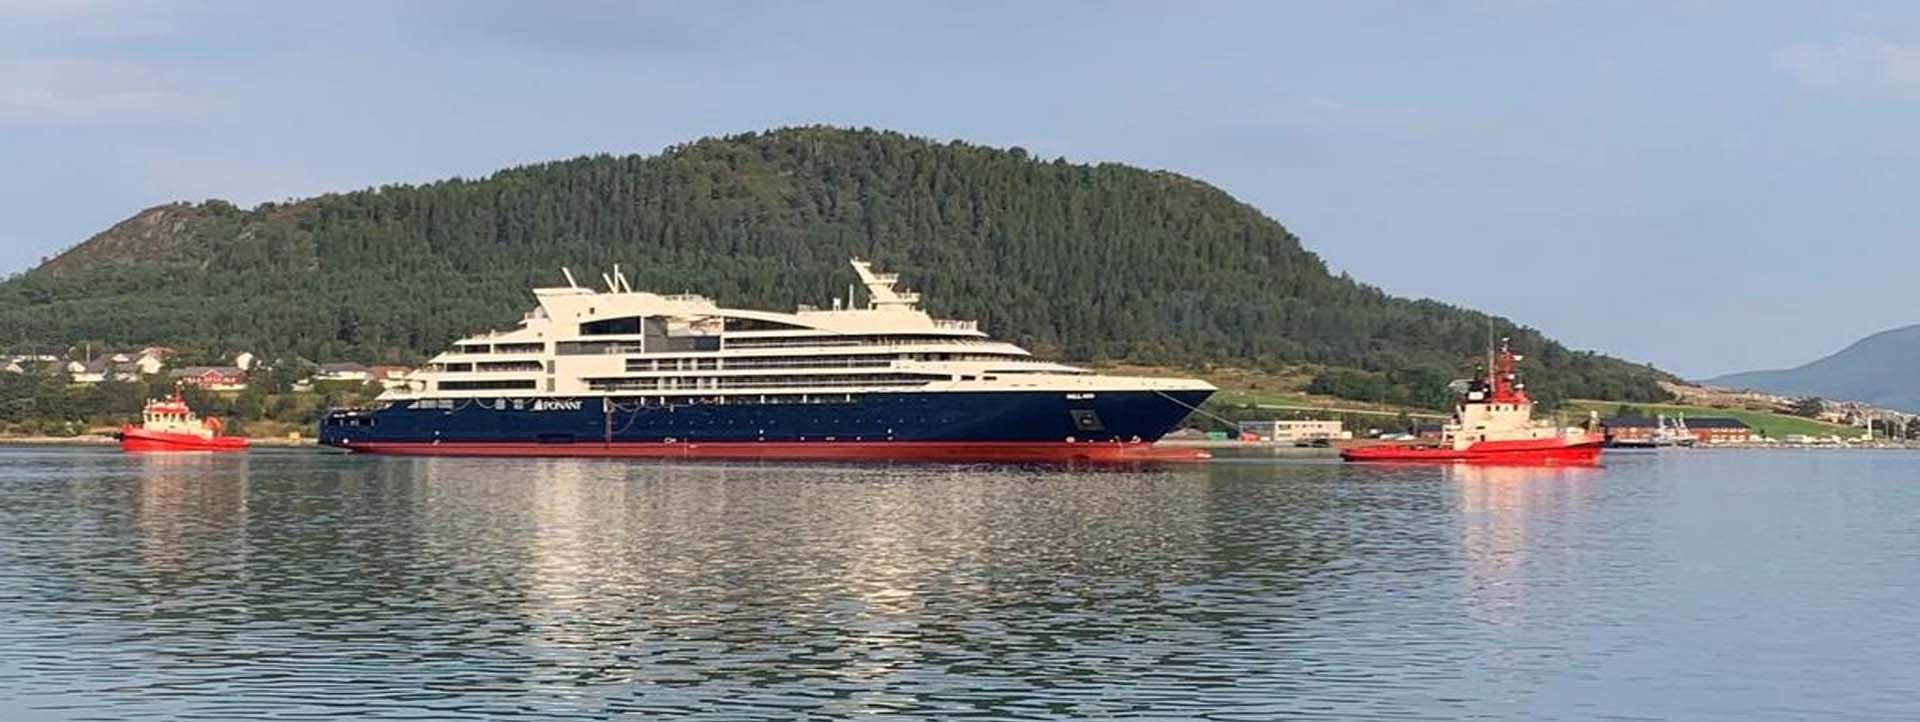 LE BELLOT Kimberley cruise ship side profile